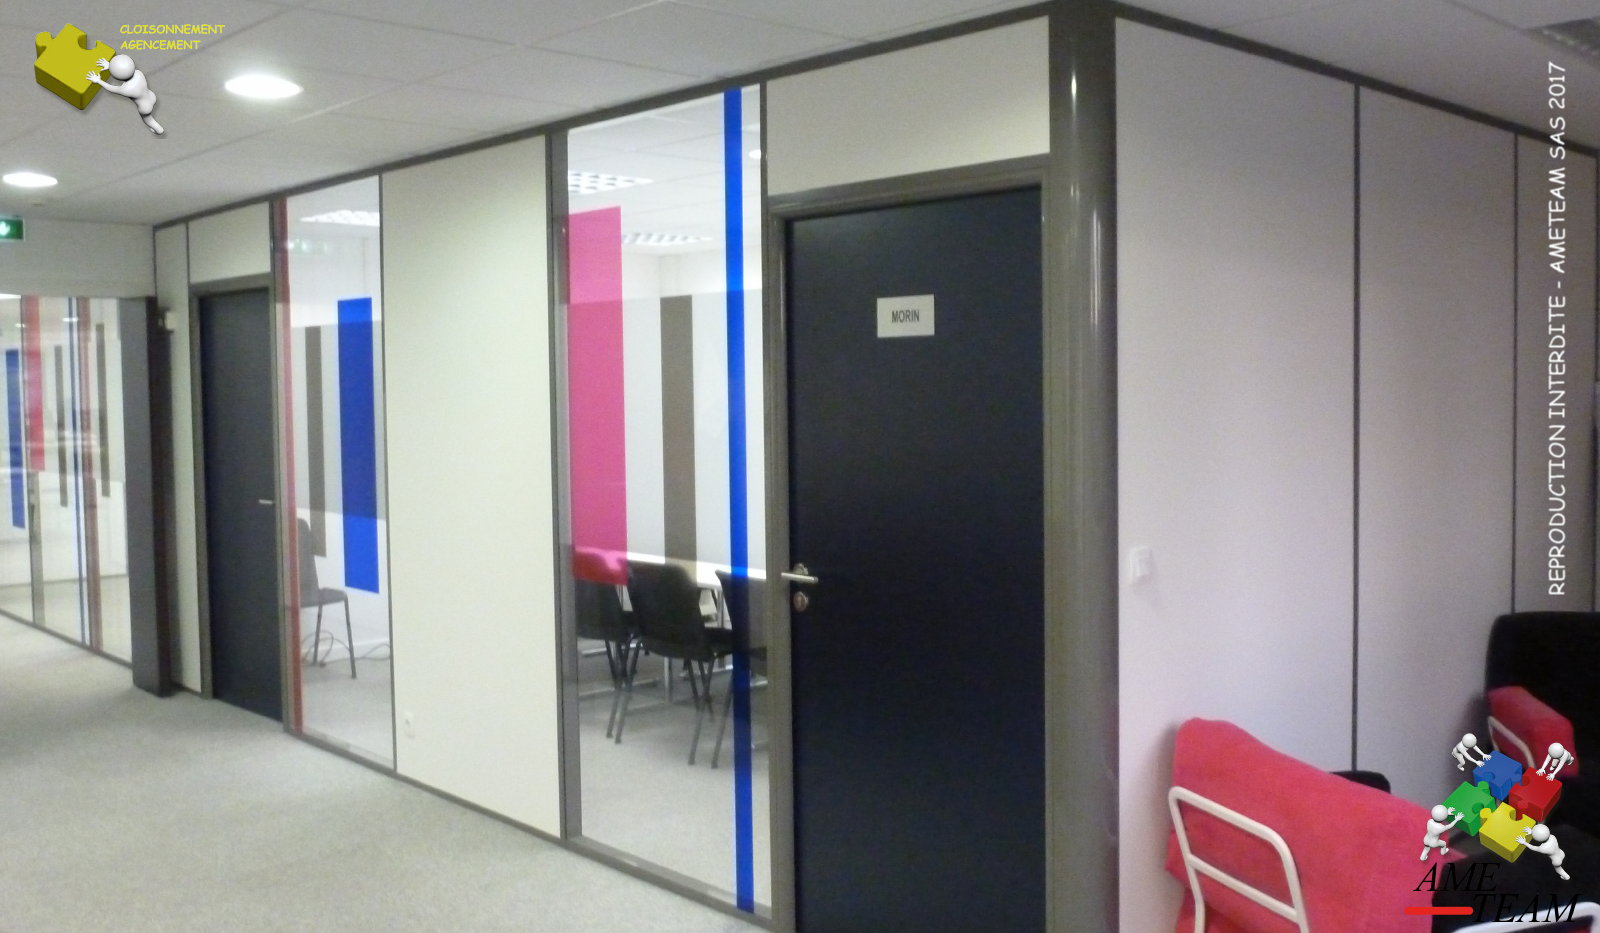 Projet COSMO / LYON 7 : Cloisons amovibles vitrée toute hauteuyr avec films colorés